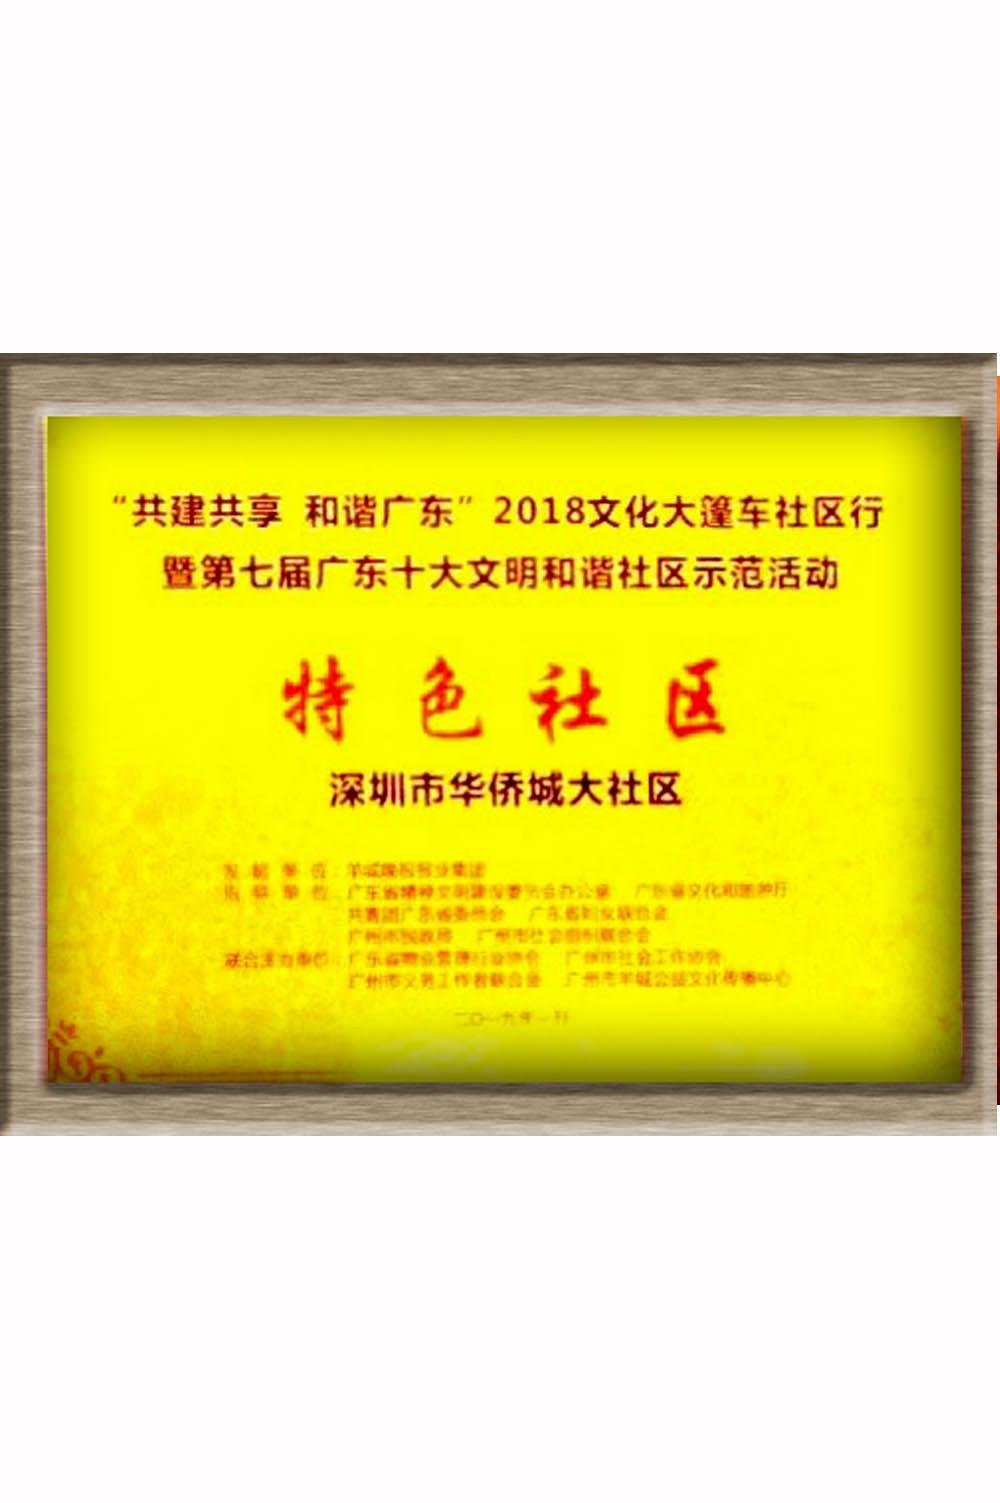 """物业公司:2018年广东十大文明和谐社区""""特色社区"""""""